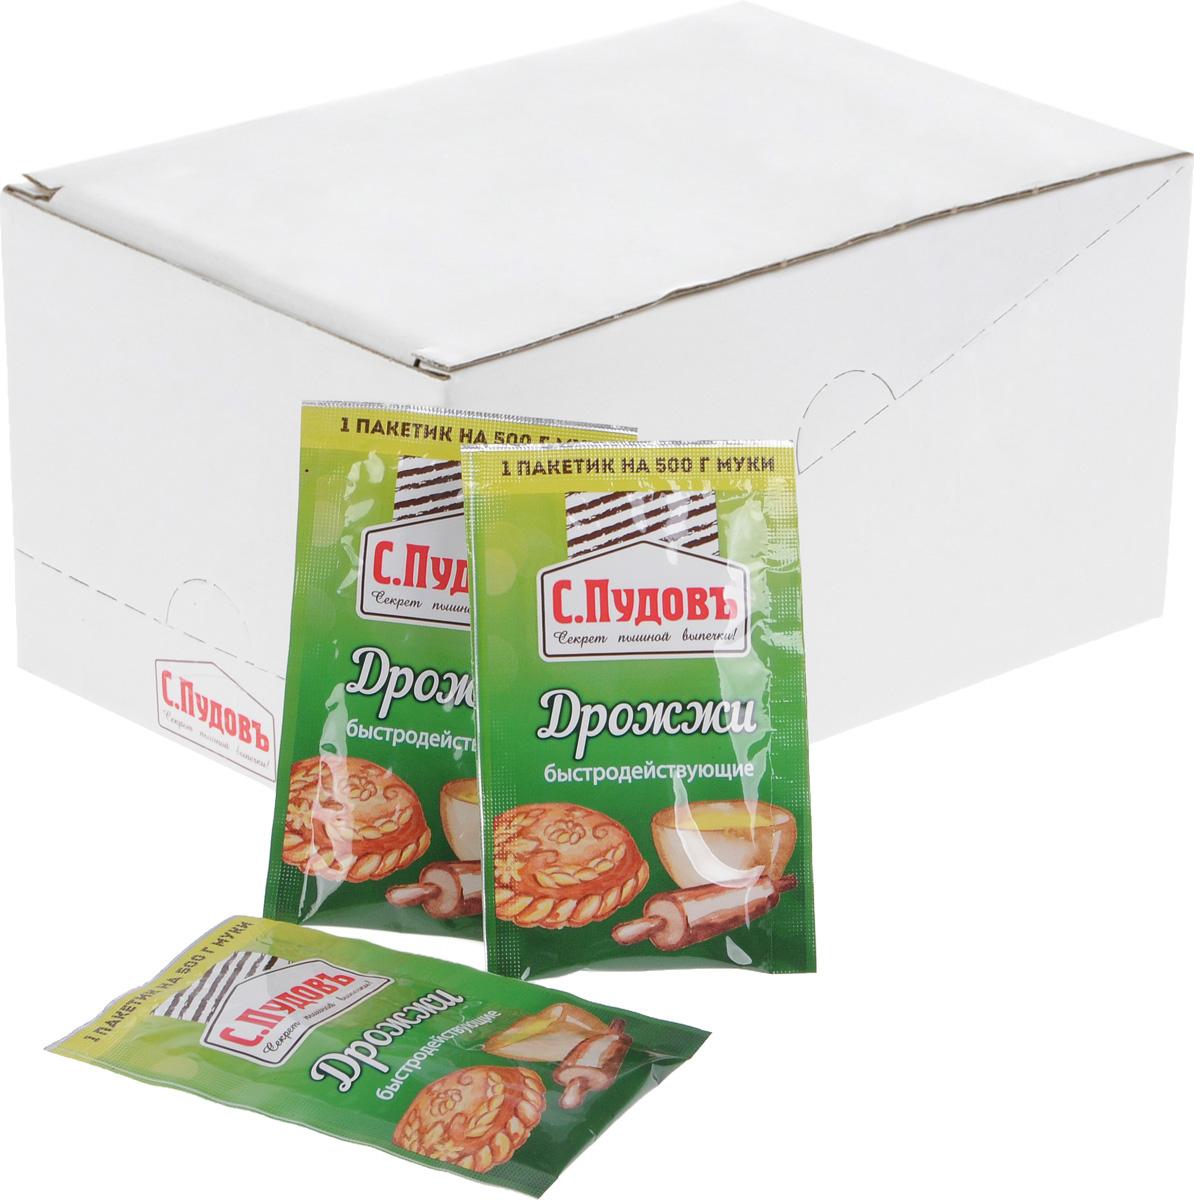 Пудовъ дрожжи быстродействующие хлебопекарные сухие, 60 штук по  6 г пудовъ мука ржаная обдирная 1 кг